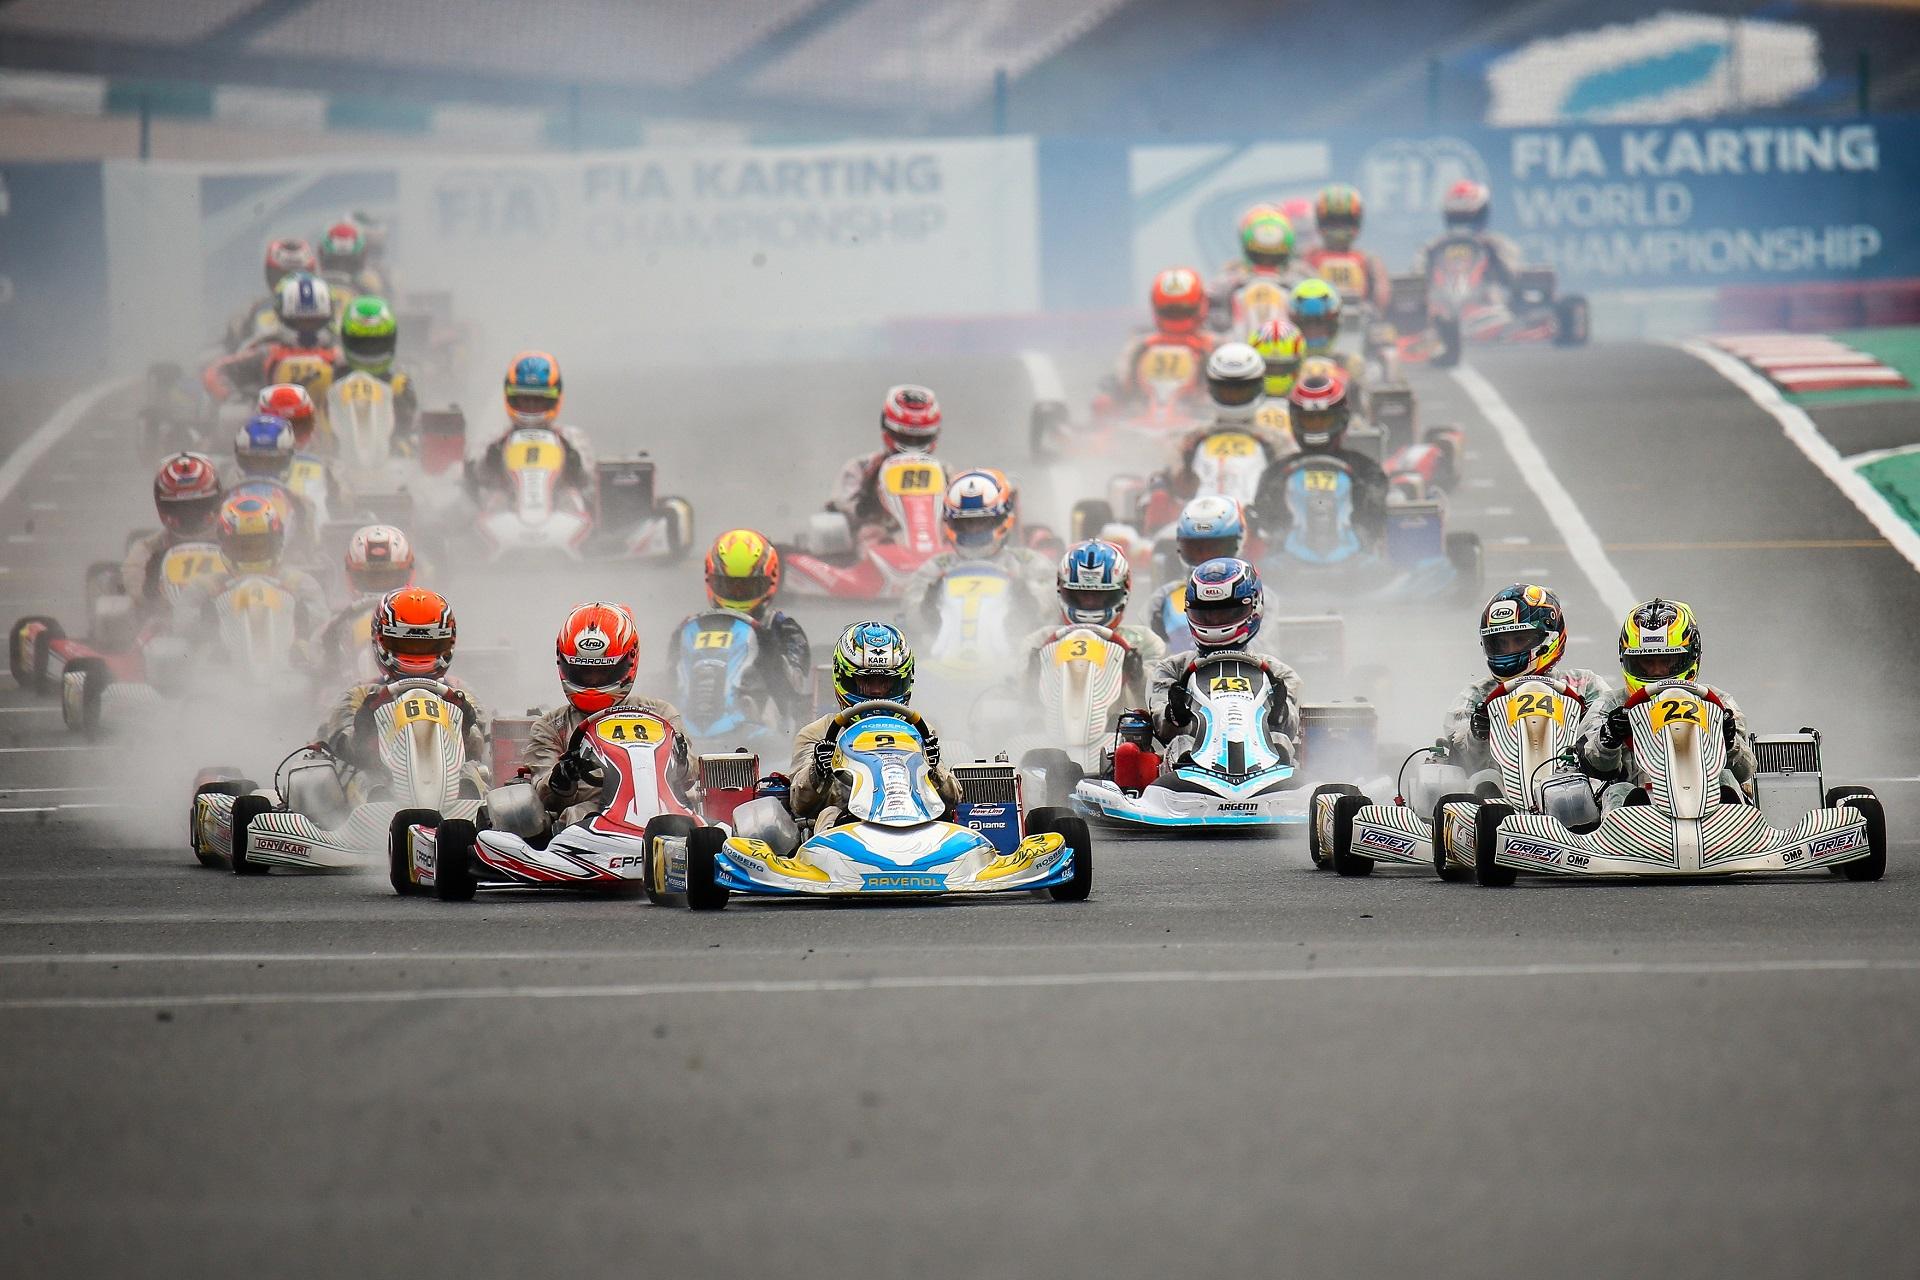 Bradshaw na OK e Slater na OK-Júnior campeões do mundo de Karting em Portimão